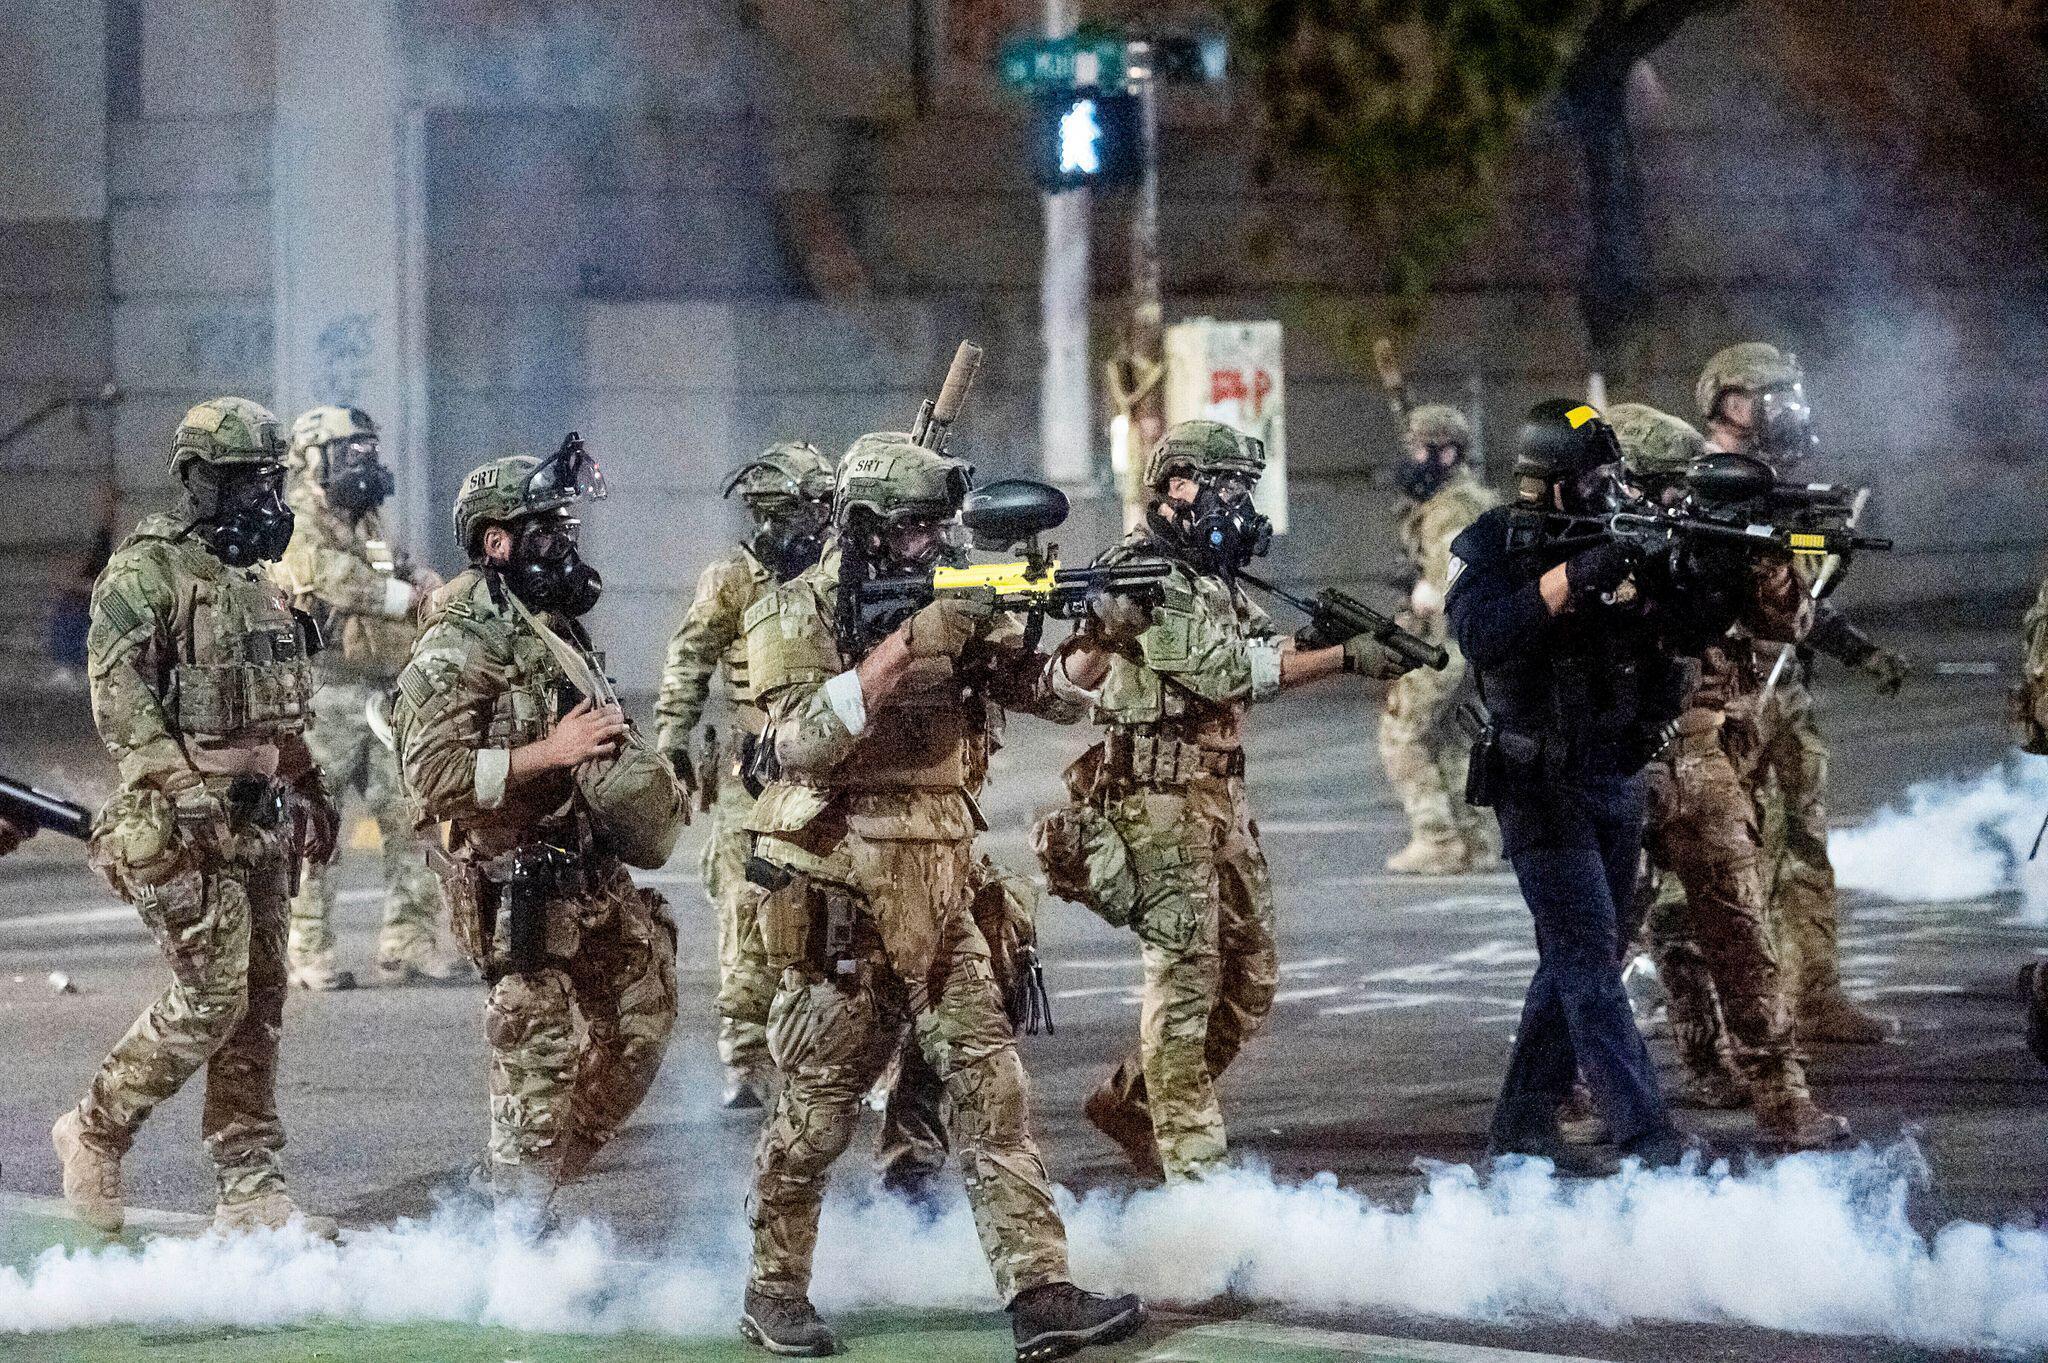 Bild zu US-Regierung schickt «Hunderte» Bundespolizisten nach Chicago